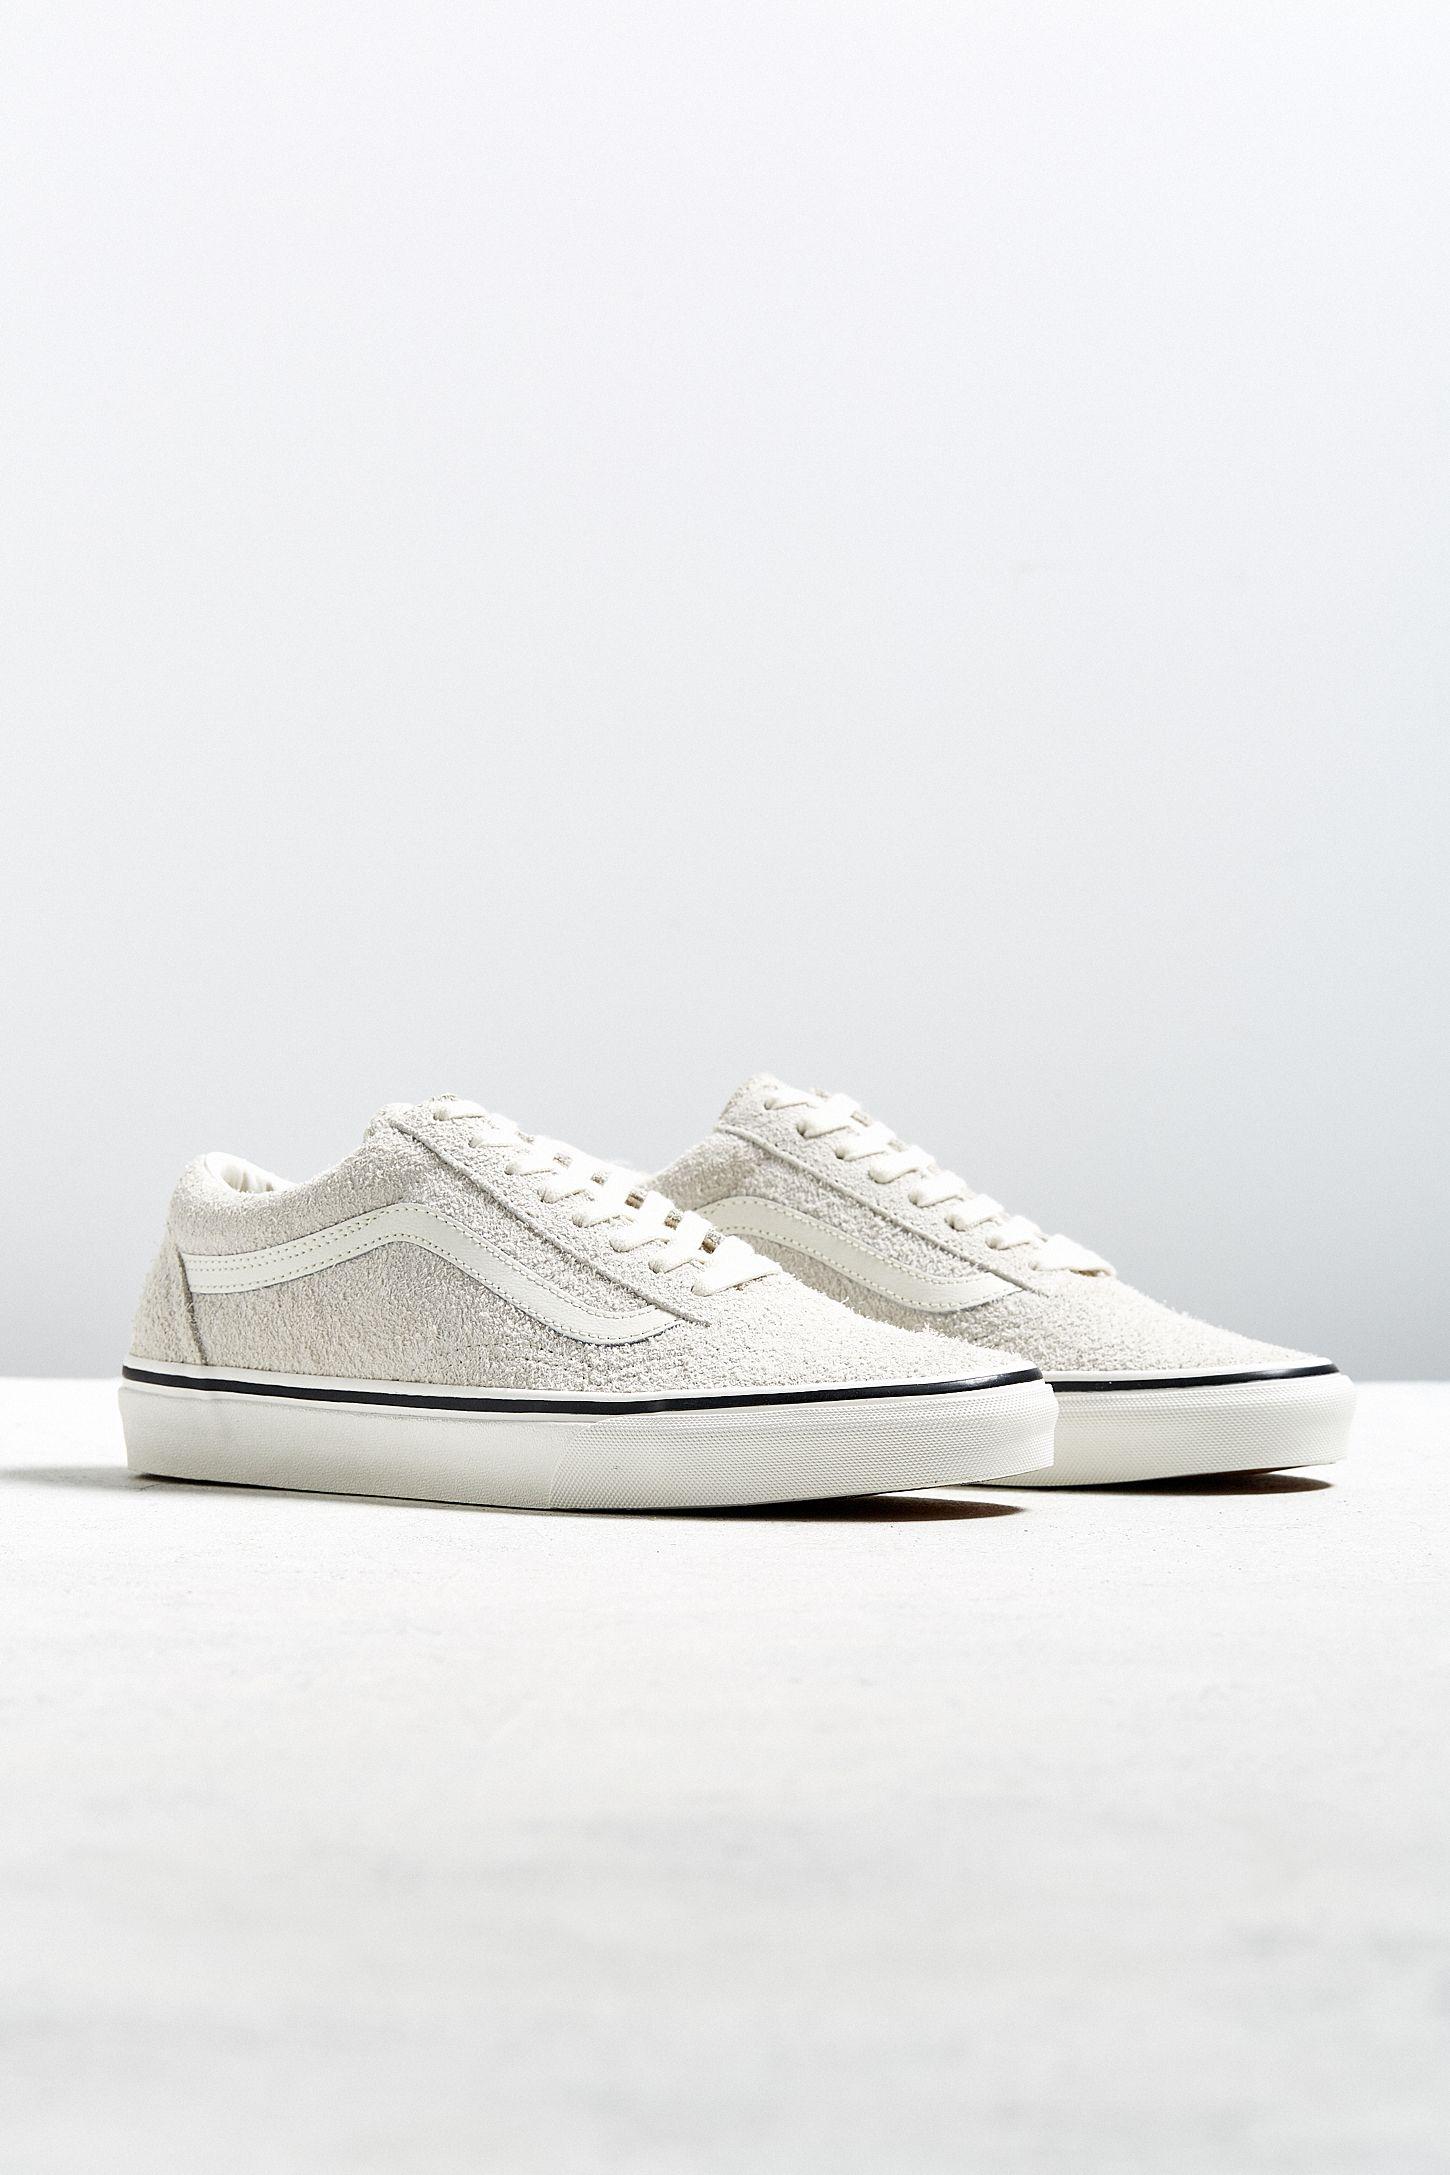 7aa44d51ca Vans Old Skool Birch Fuzzy Sneaker